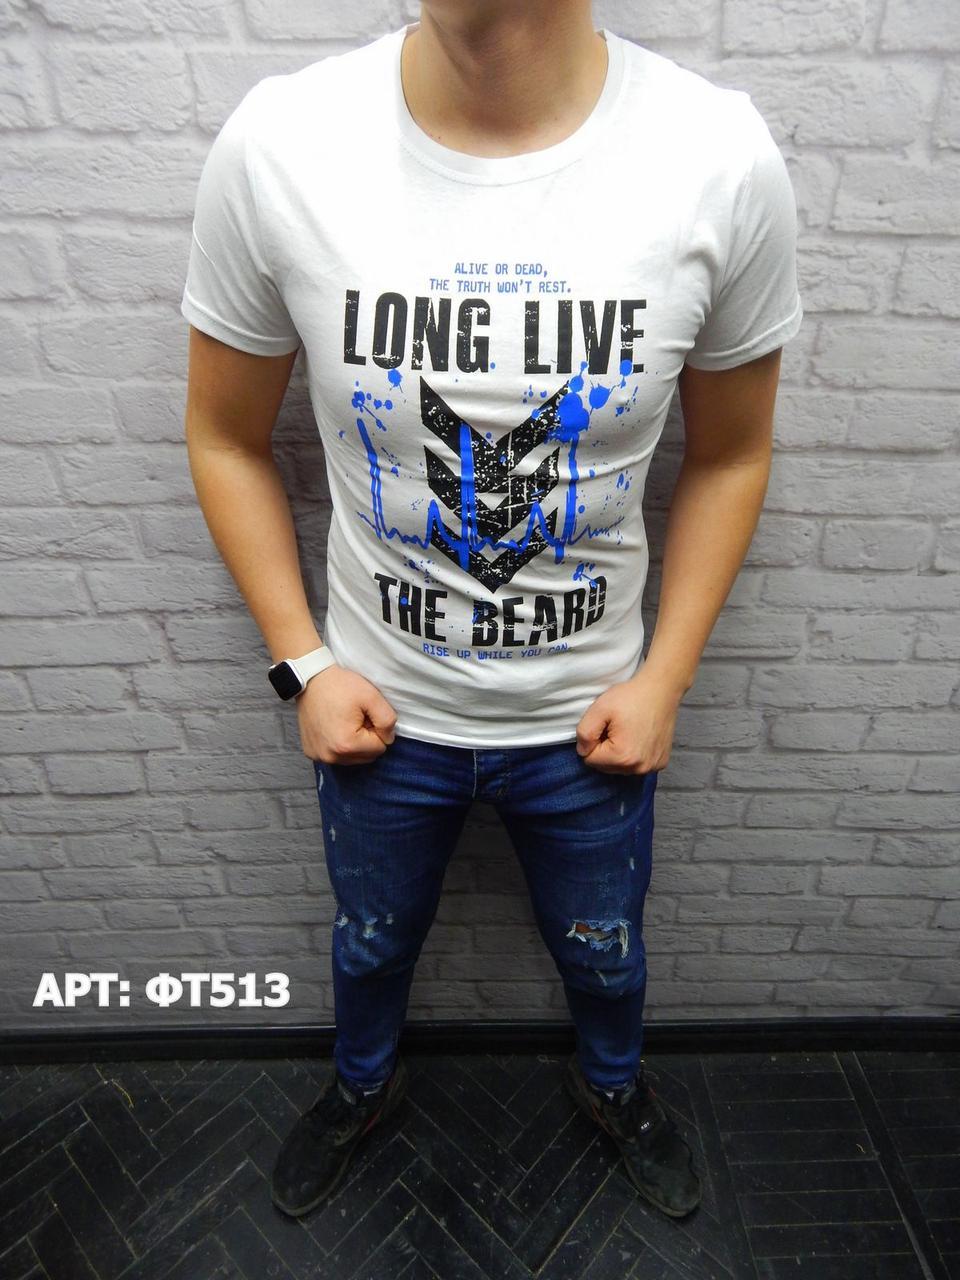 Мужская футболка. Размеры: L, XL, 2XL